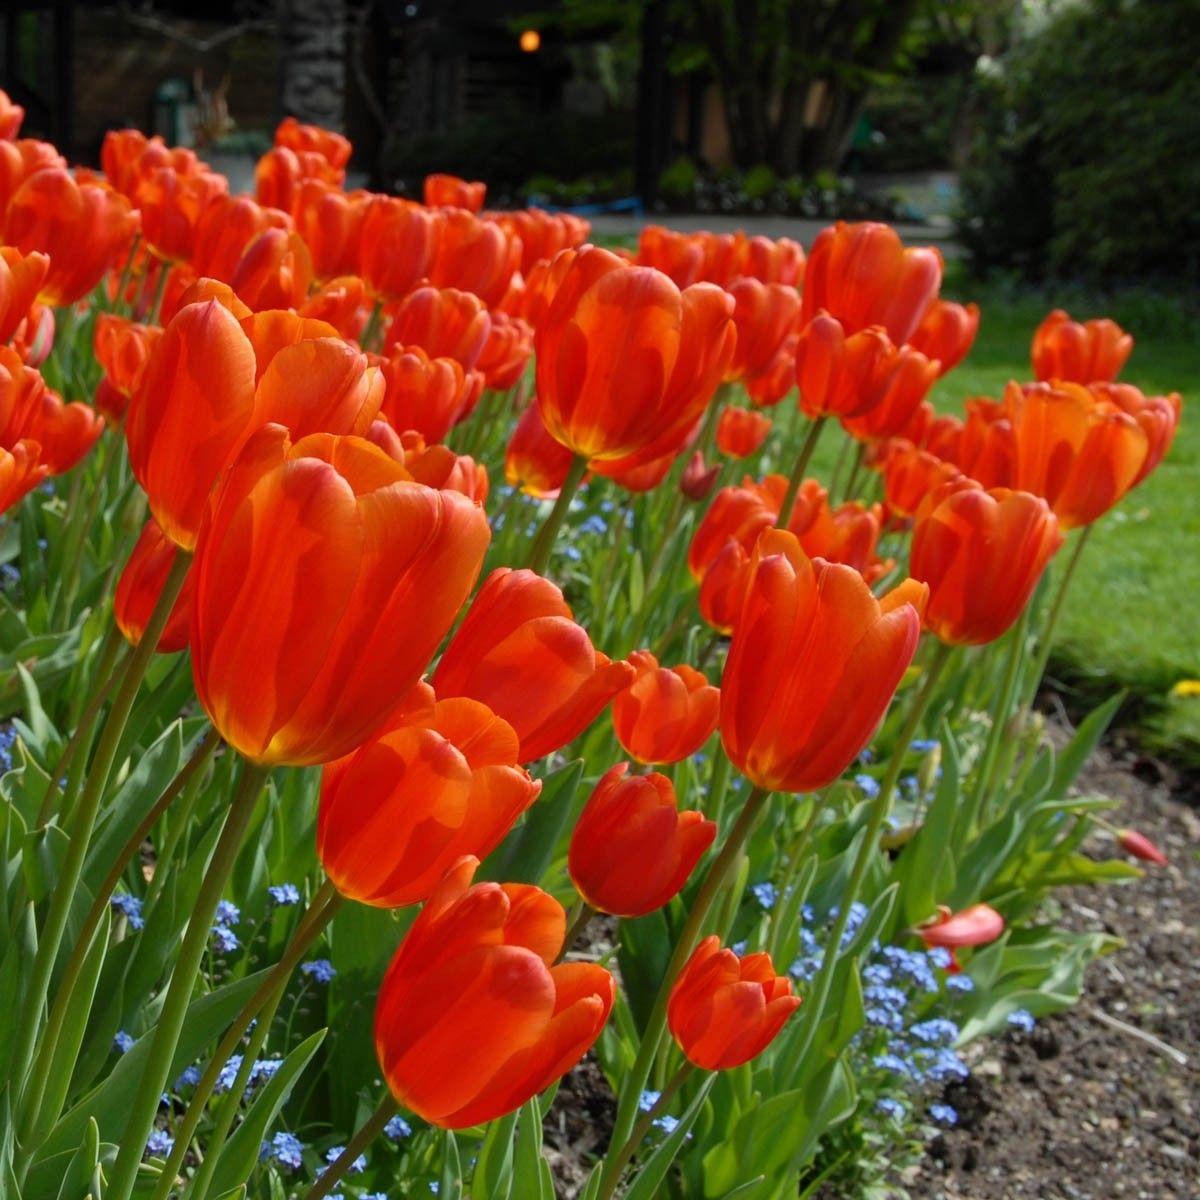 Die Tulpe Orange Juice Bluht Von Mitte April Bis Mitte Mai In Einem Fruchtigen Rot Orange Garten Blute Fruhling Tulipani Composizioni Floreali Floreale